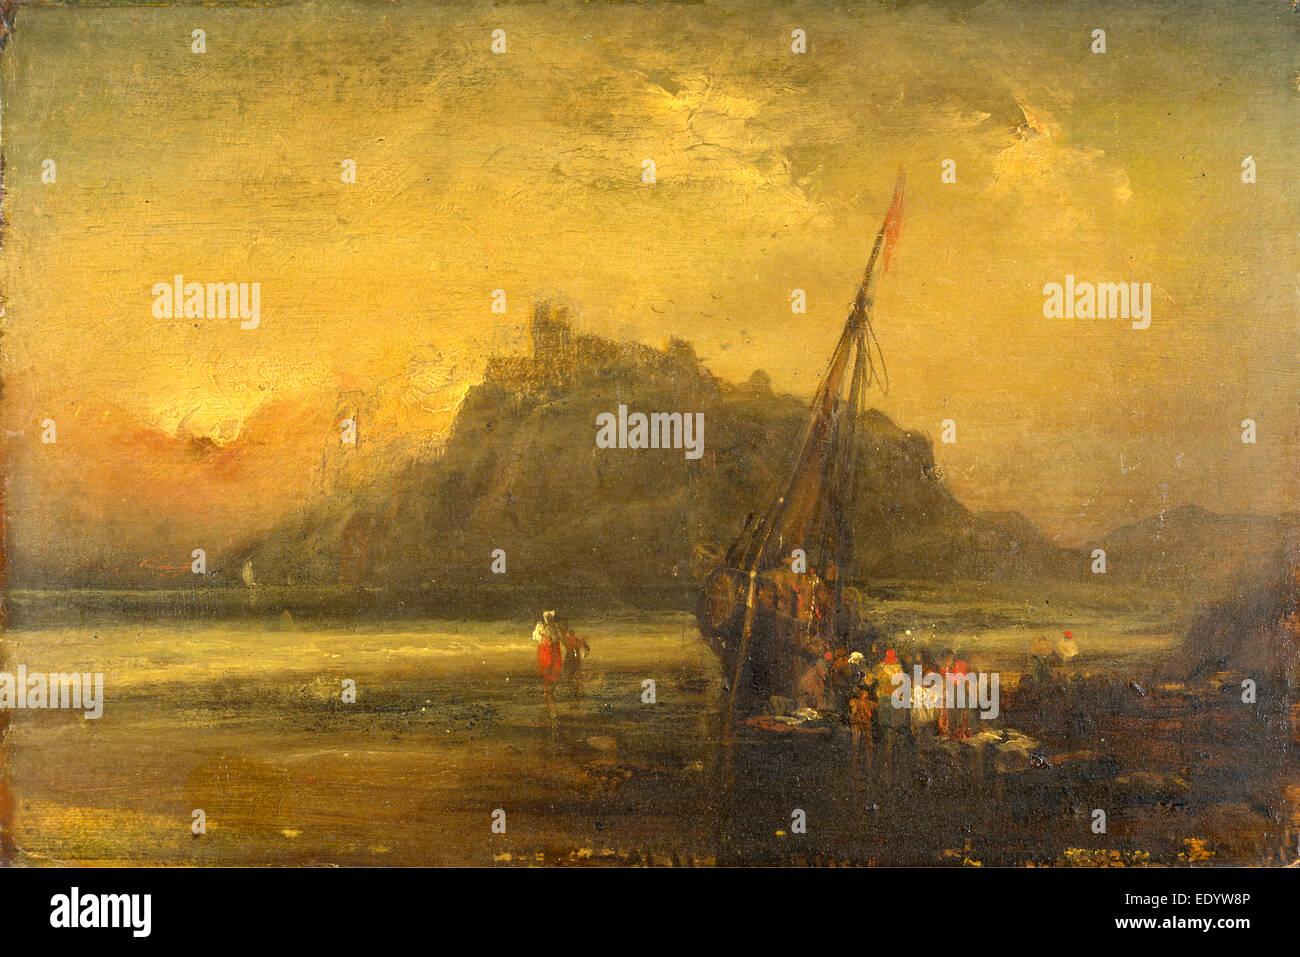 Beach Scene, Attributed to John Sell Cotman, 1782-1842, British - Stock Image